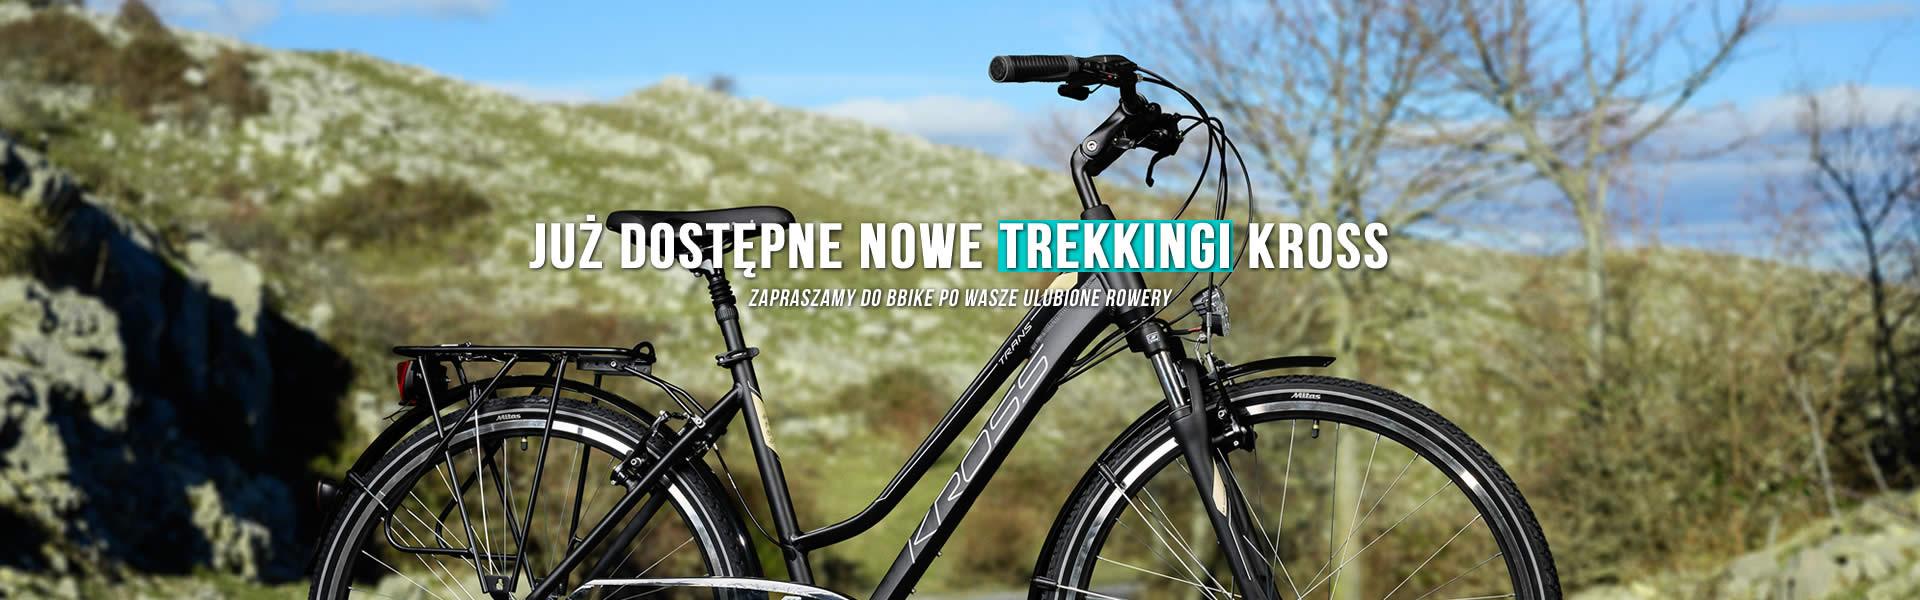 Rowery Kross Trans znowu dostępne! Zobacz damskie trekkingi